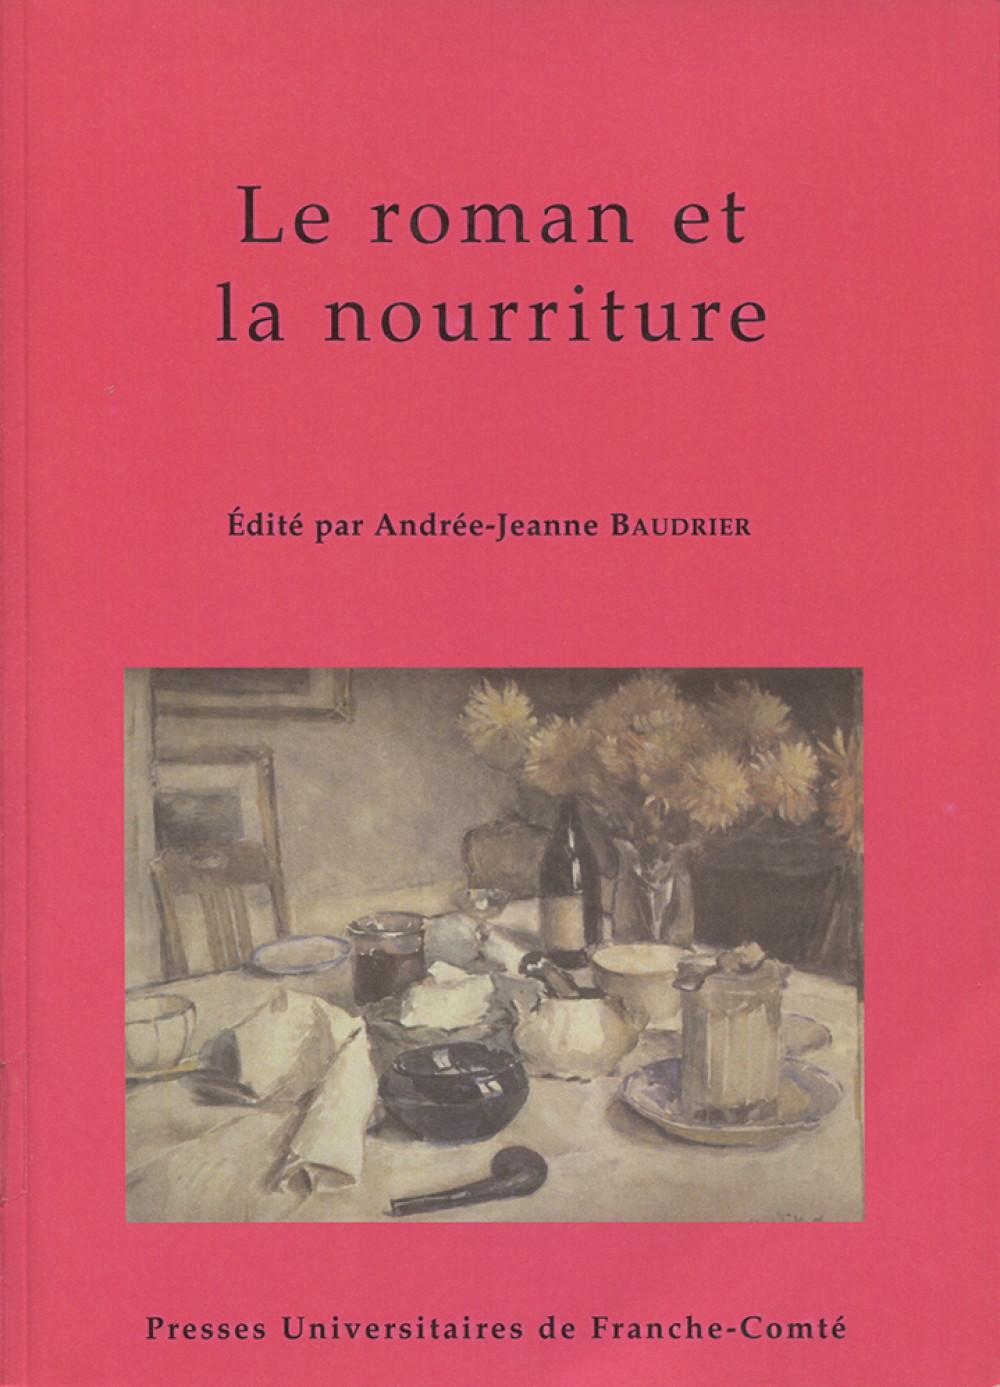 Le roman et la nourriture